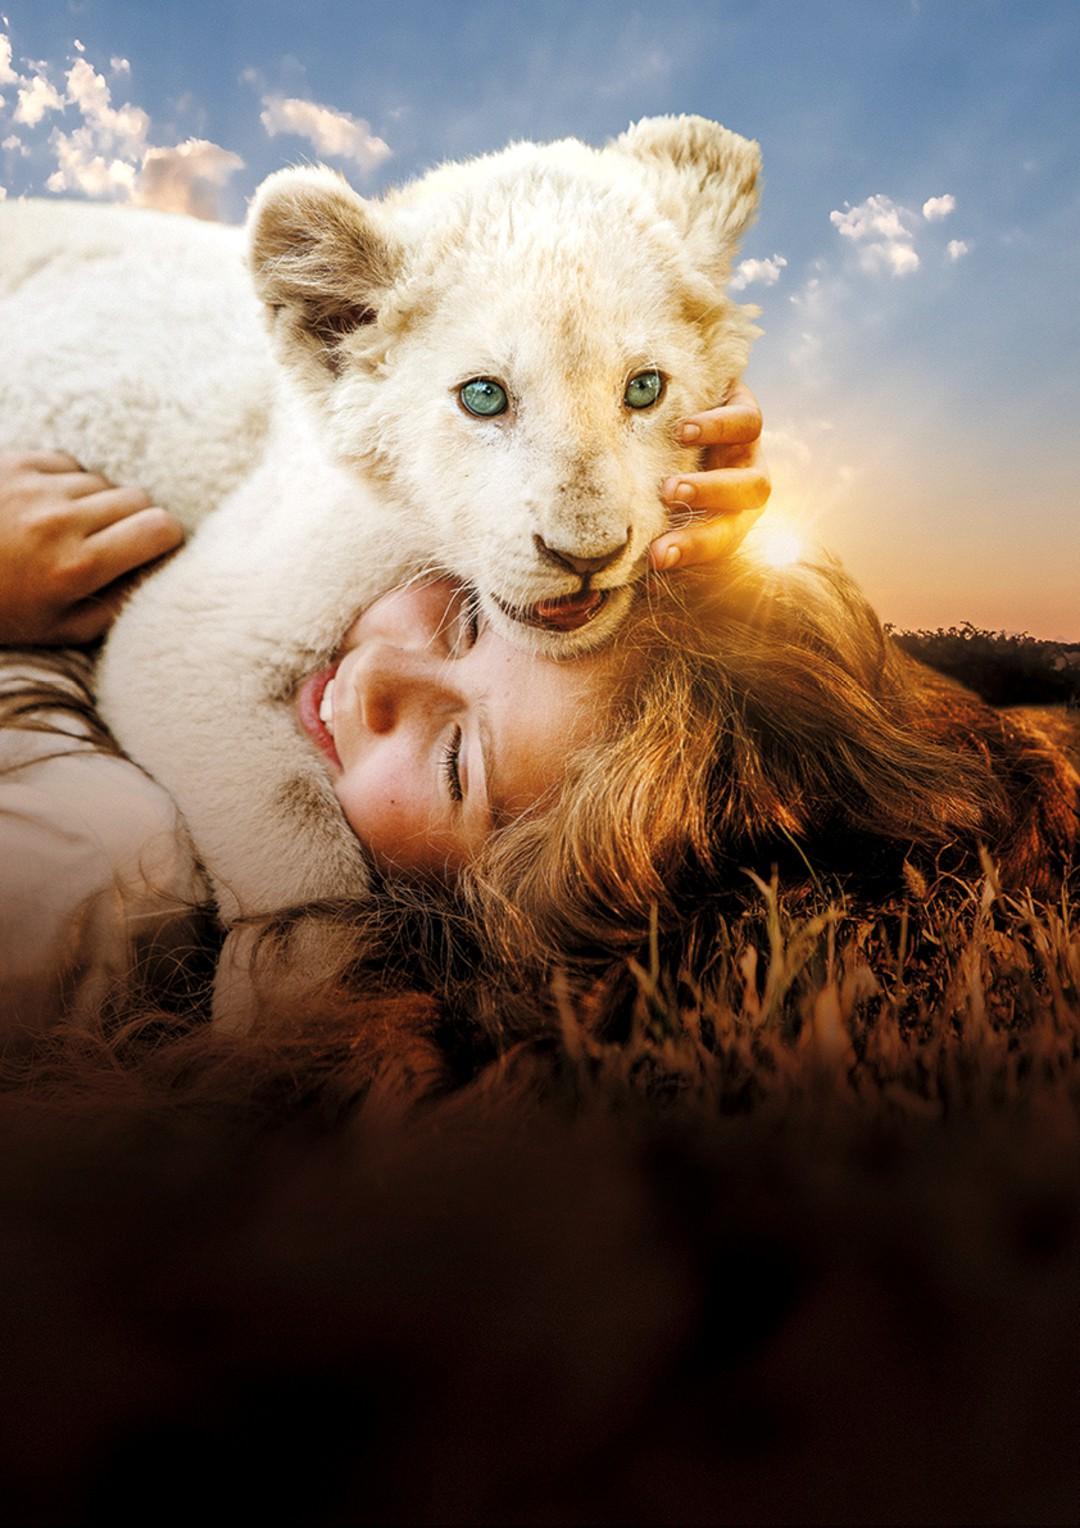 Mia Und Der Weisse Löwe Trailer - Bild 1 von 15